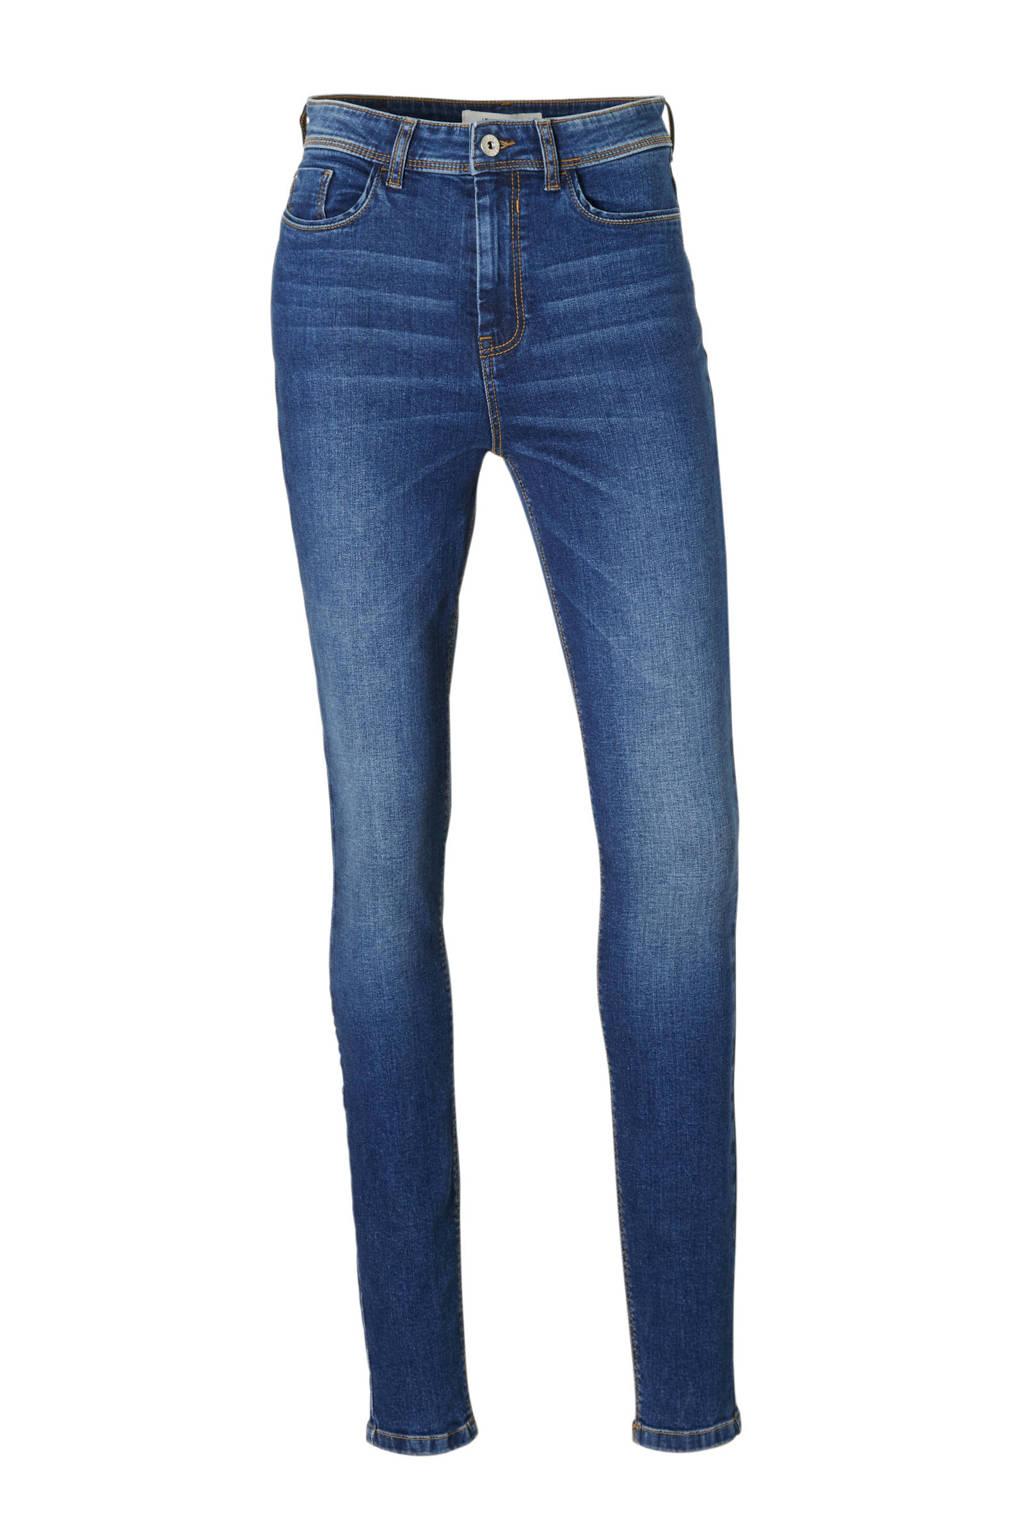 JACQUELINE DE YONG jeans, licht blauw